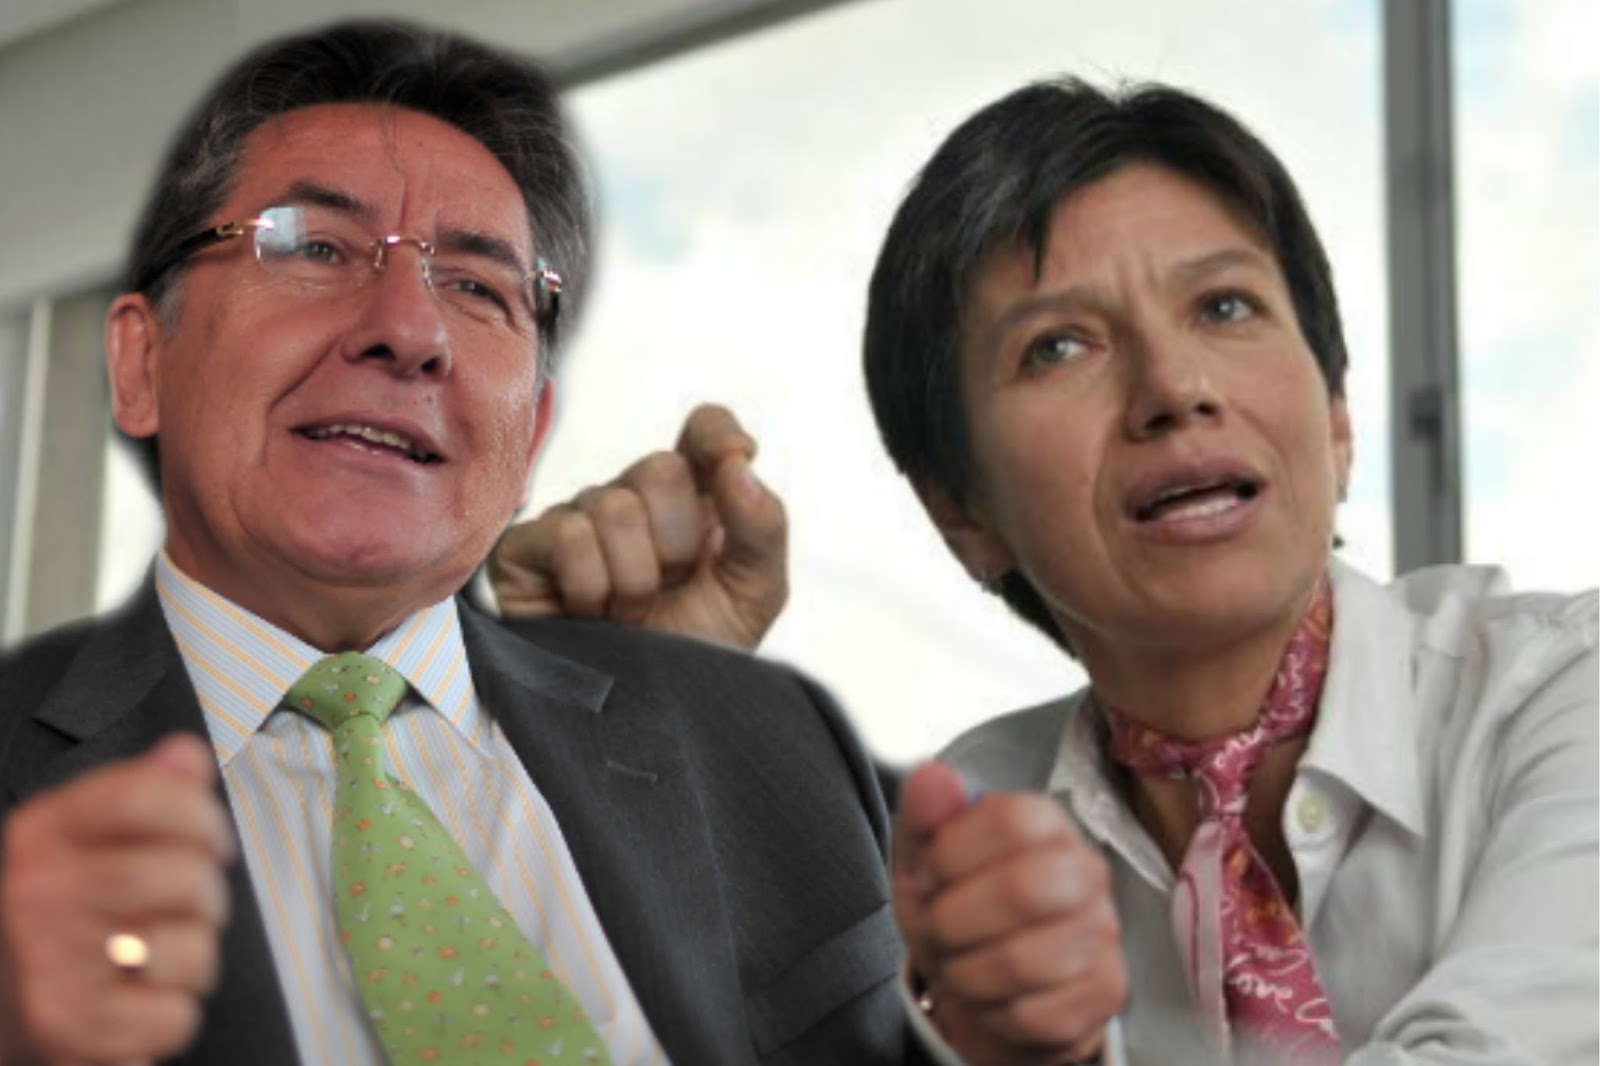 @ClaudiaLopez alerta que Vargas Lleras utiliza al Fiscal para perseguir a opositores